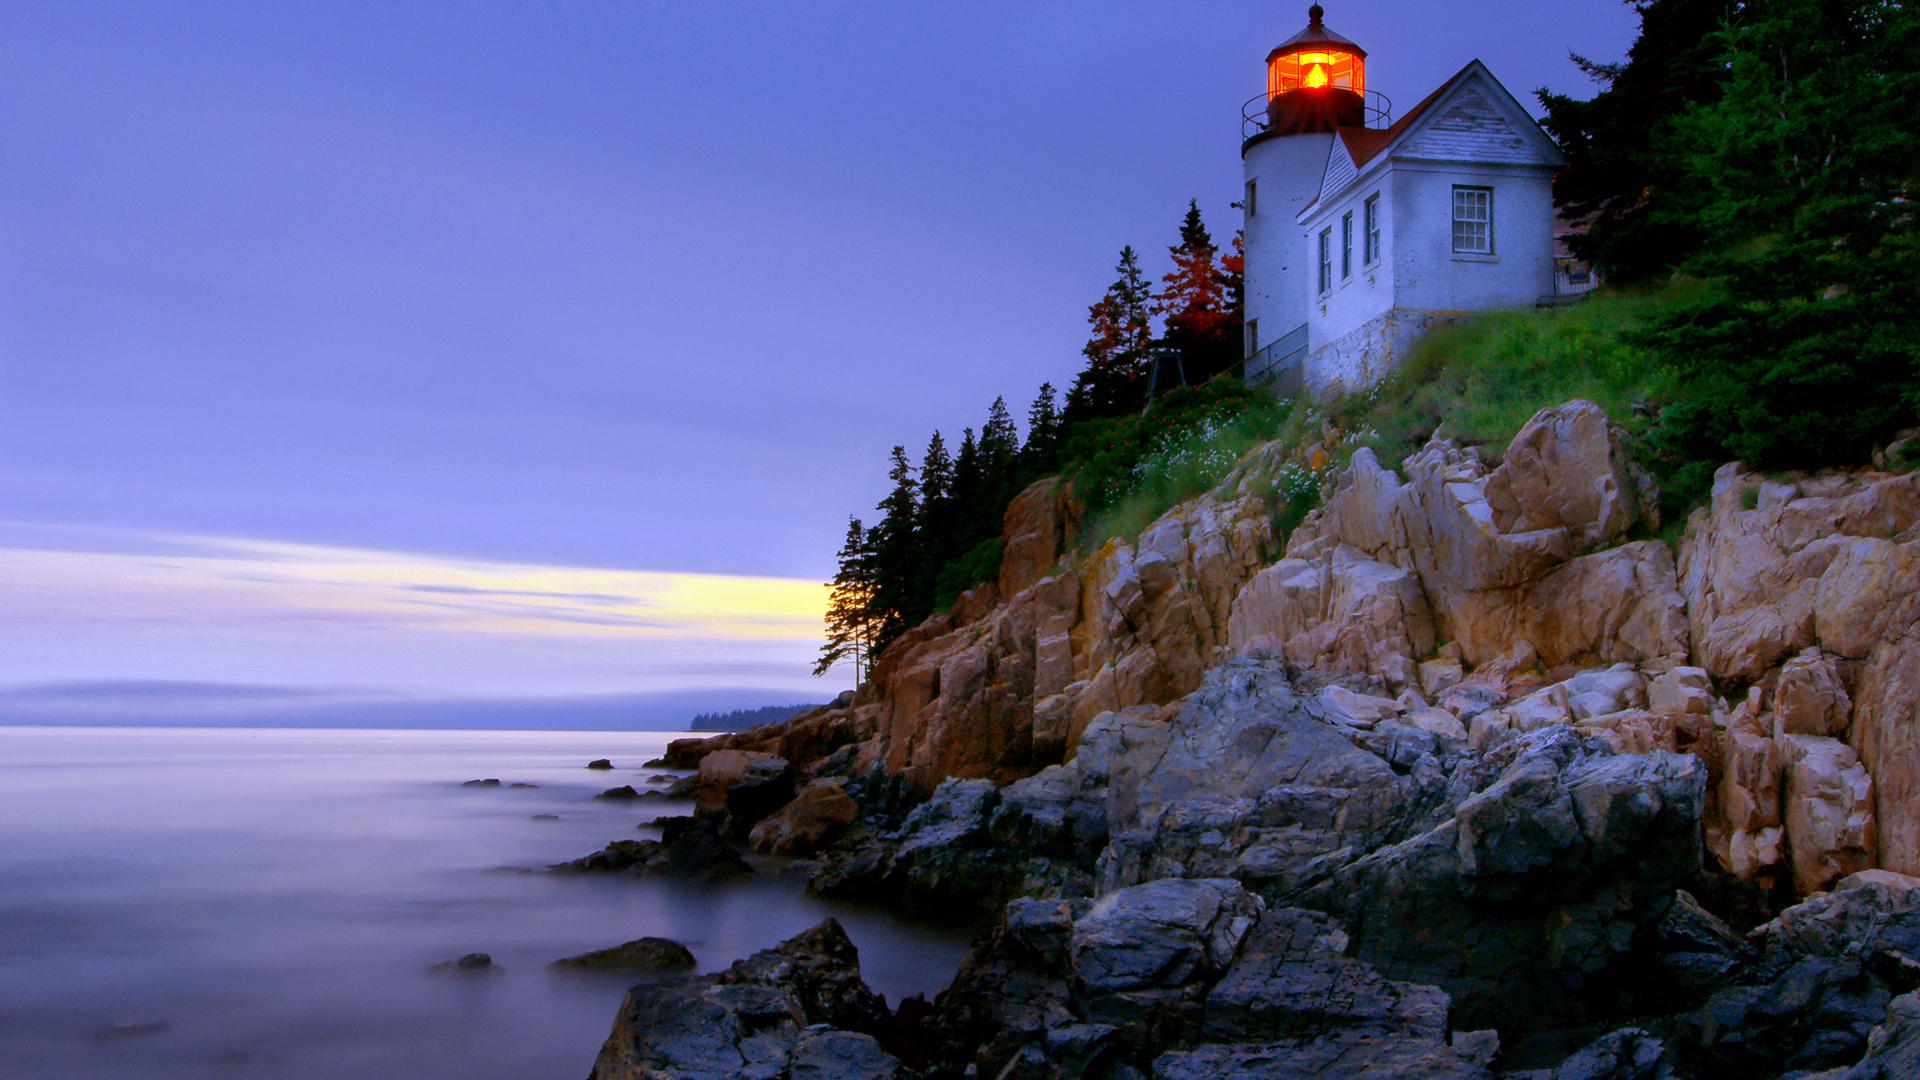 lighthouse wallpaper desktop - photo #21